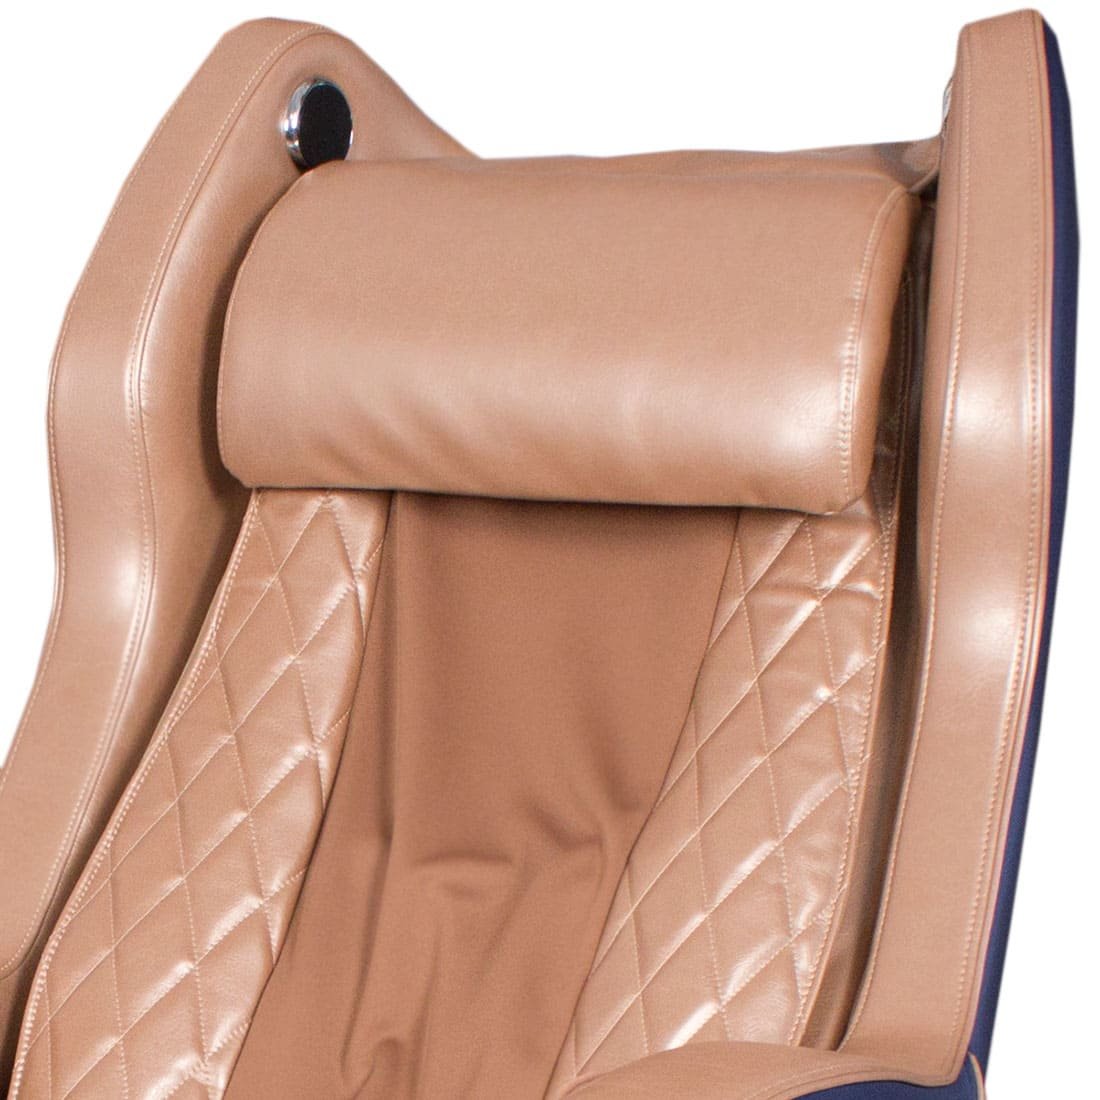 bend-massage-chair